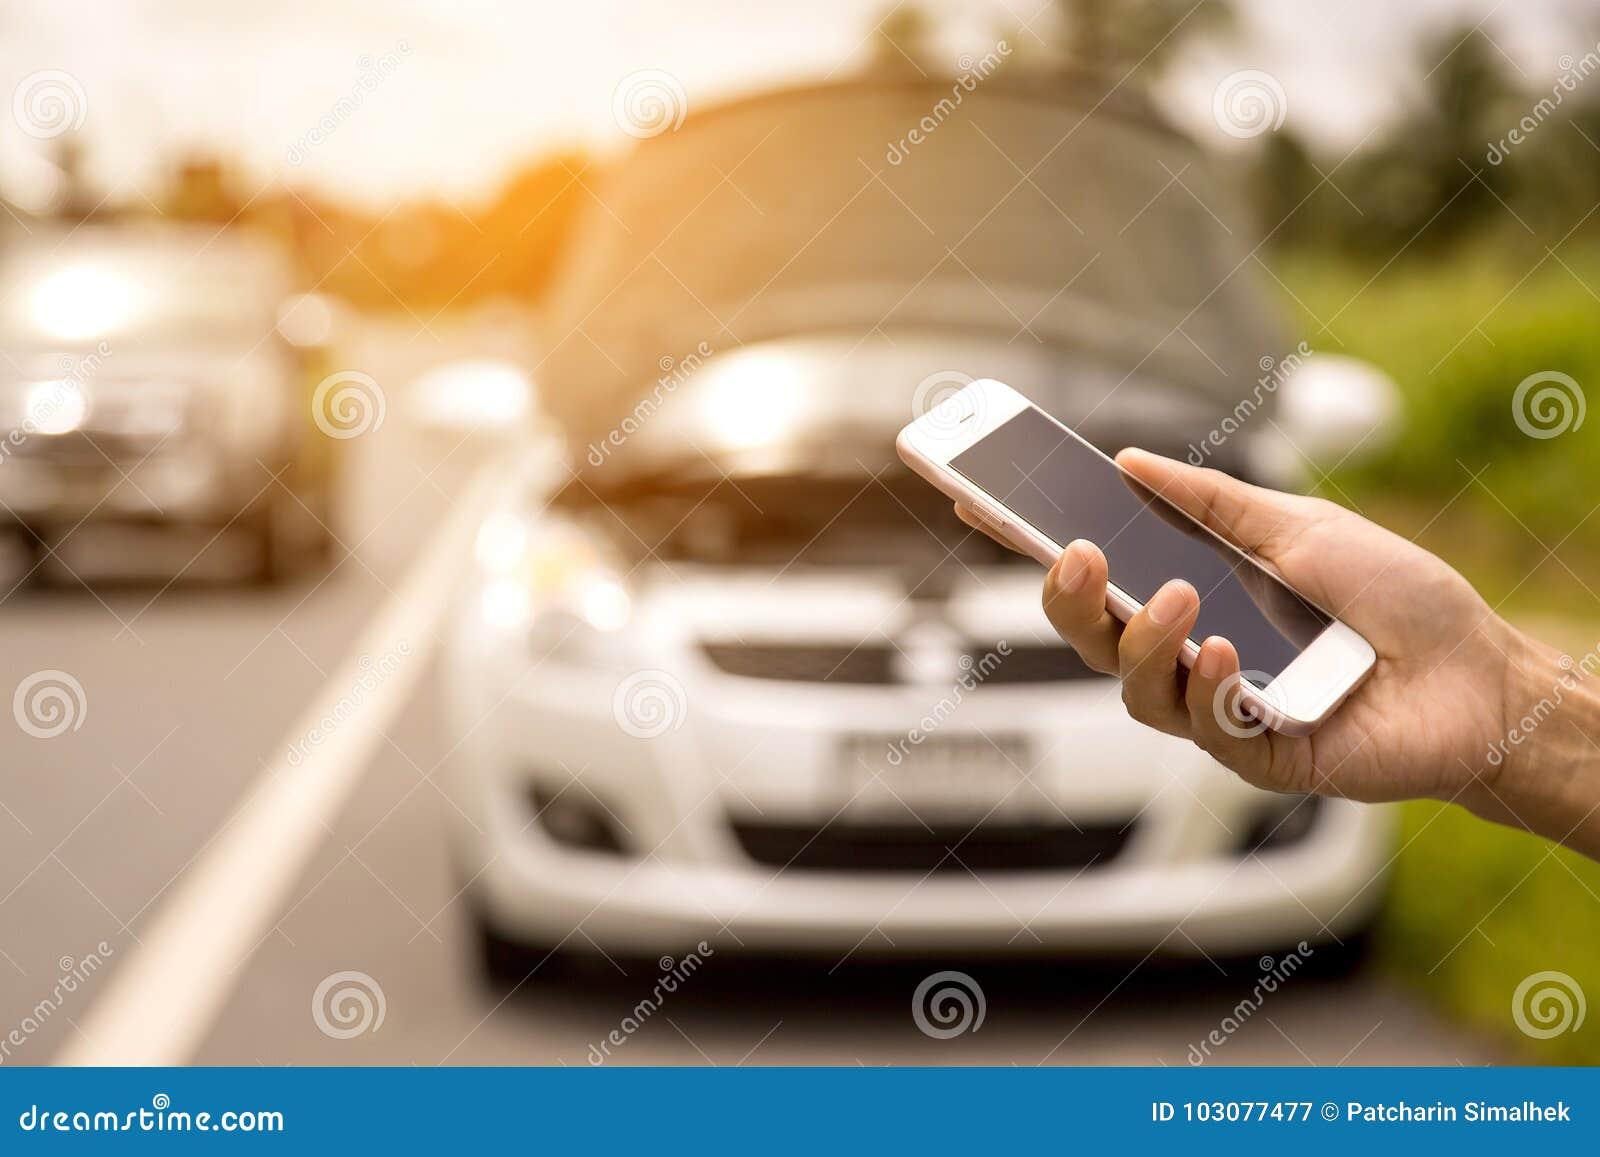 Facendo uso di una chiamata di telefono cellulare un meccanico di automobile perché l automobile era rotta